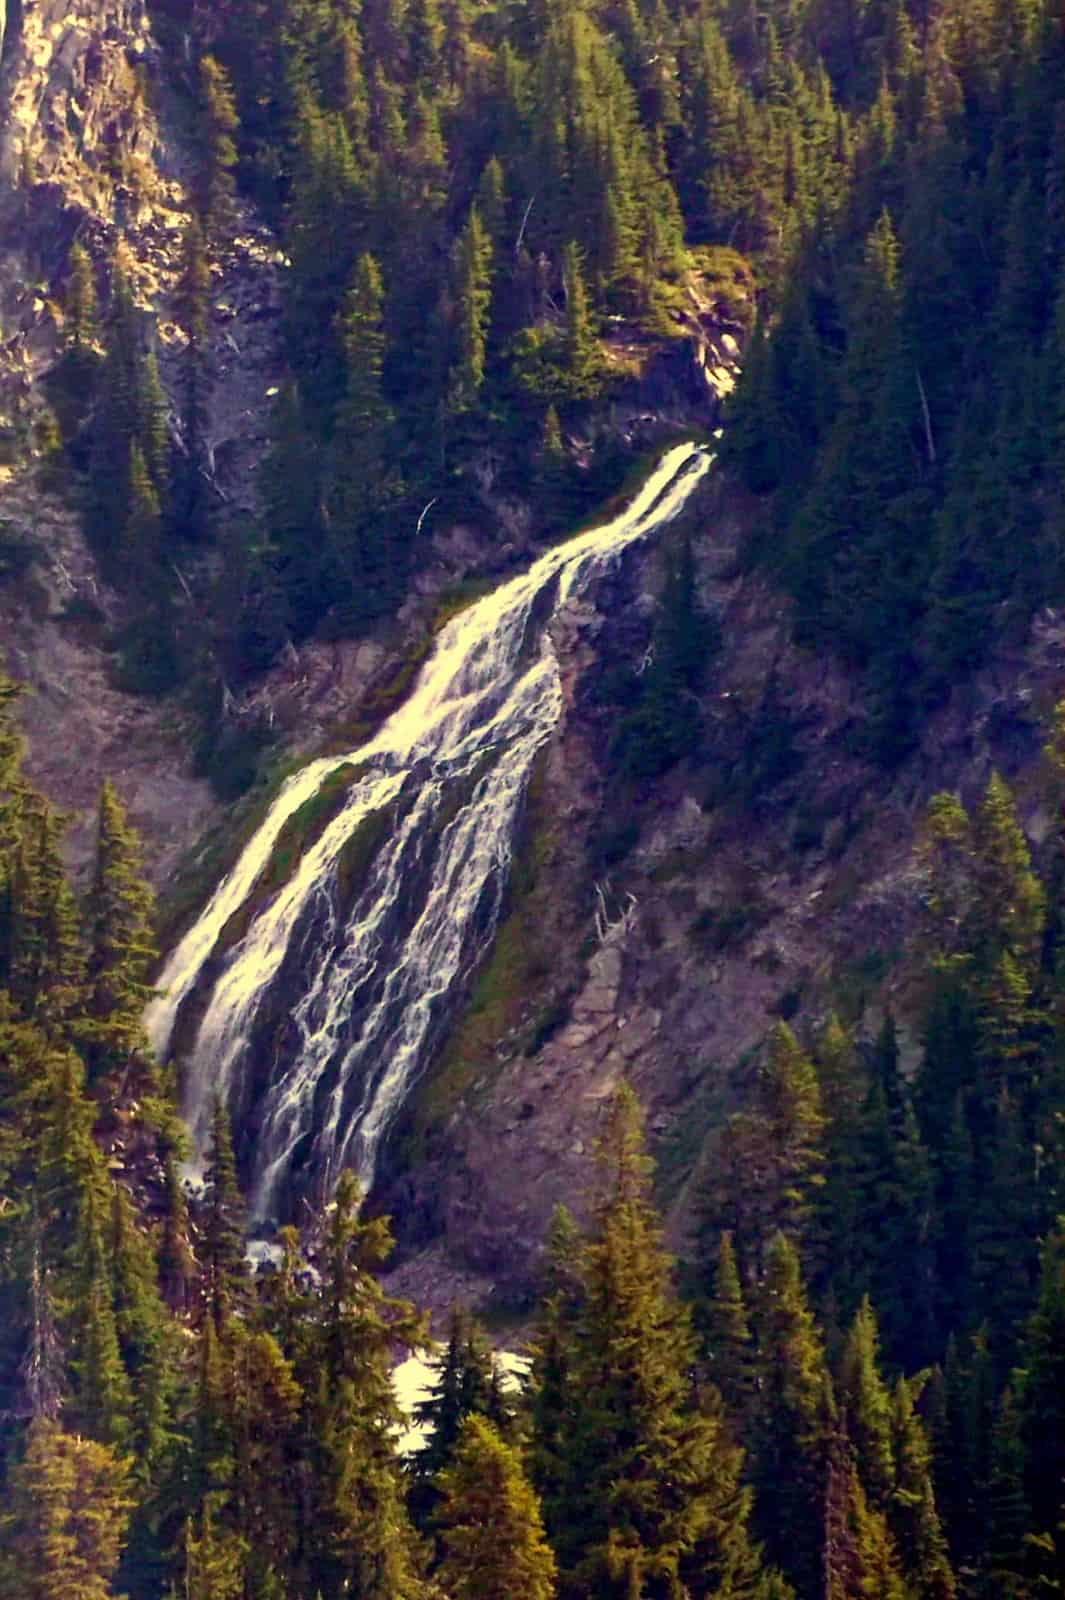 Sluiskin Falls